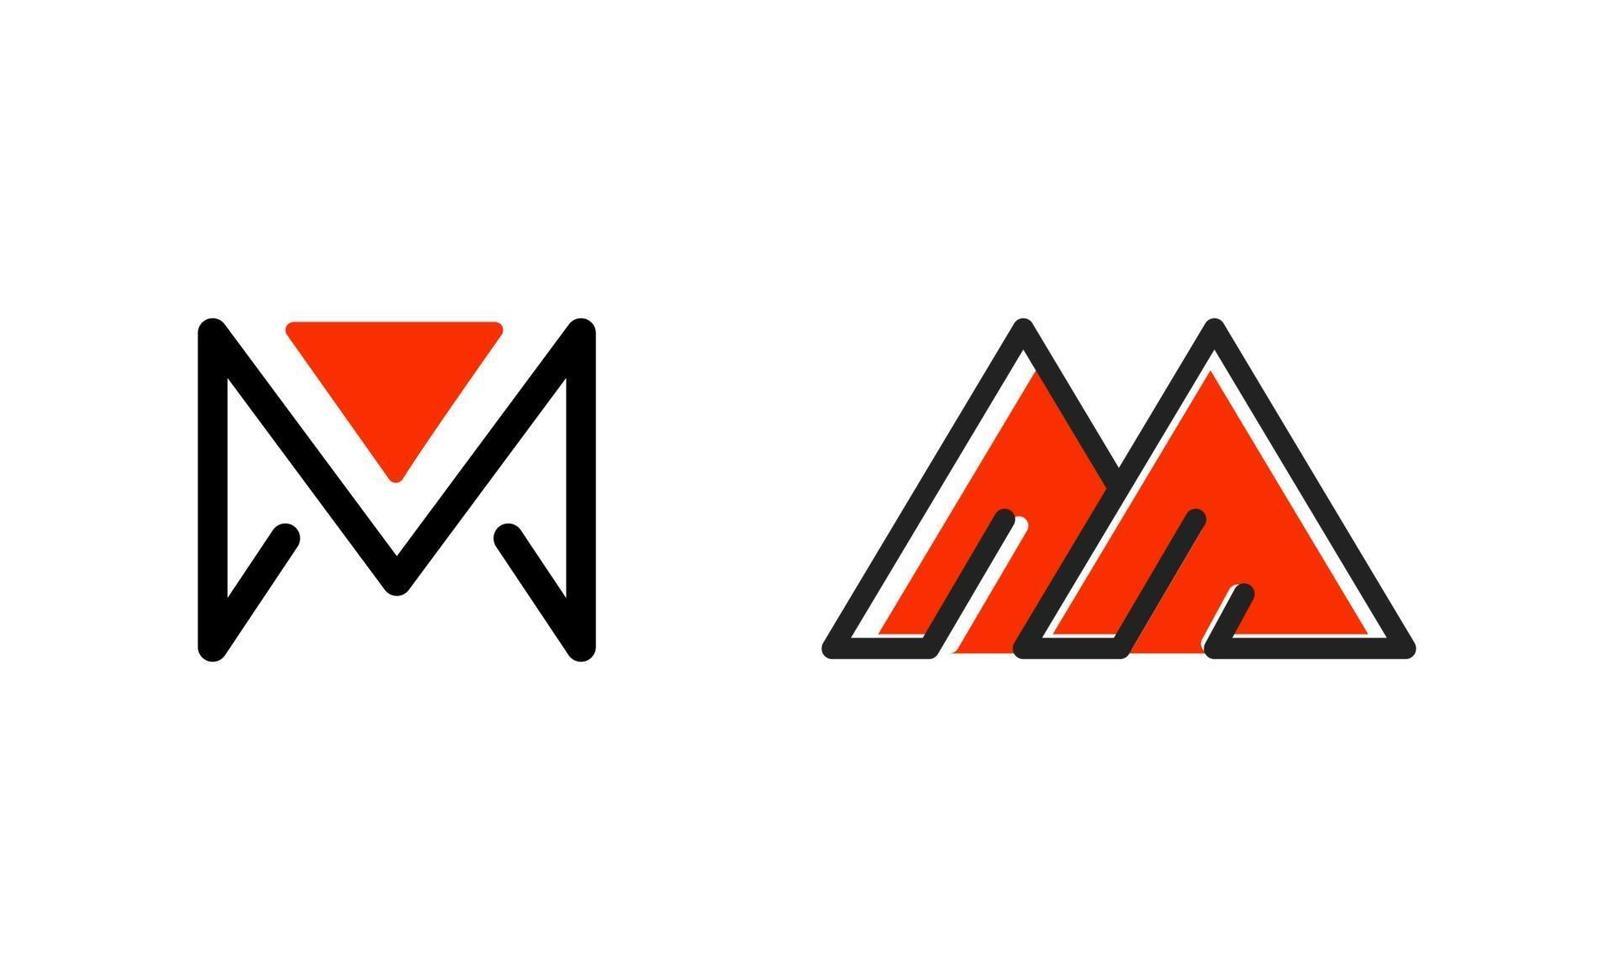 eerste m monogram logo inspiratie ontwerp vector